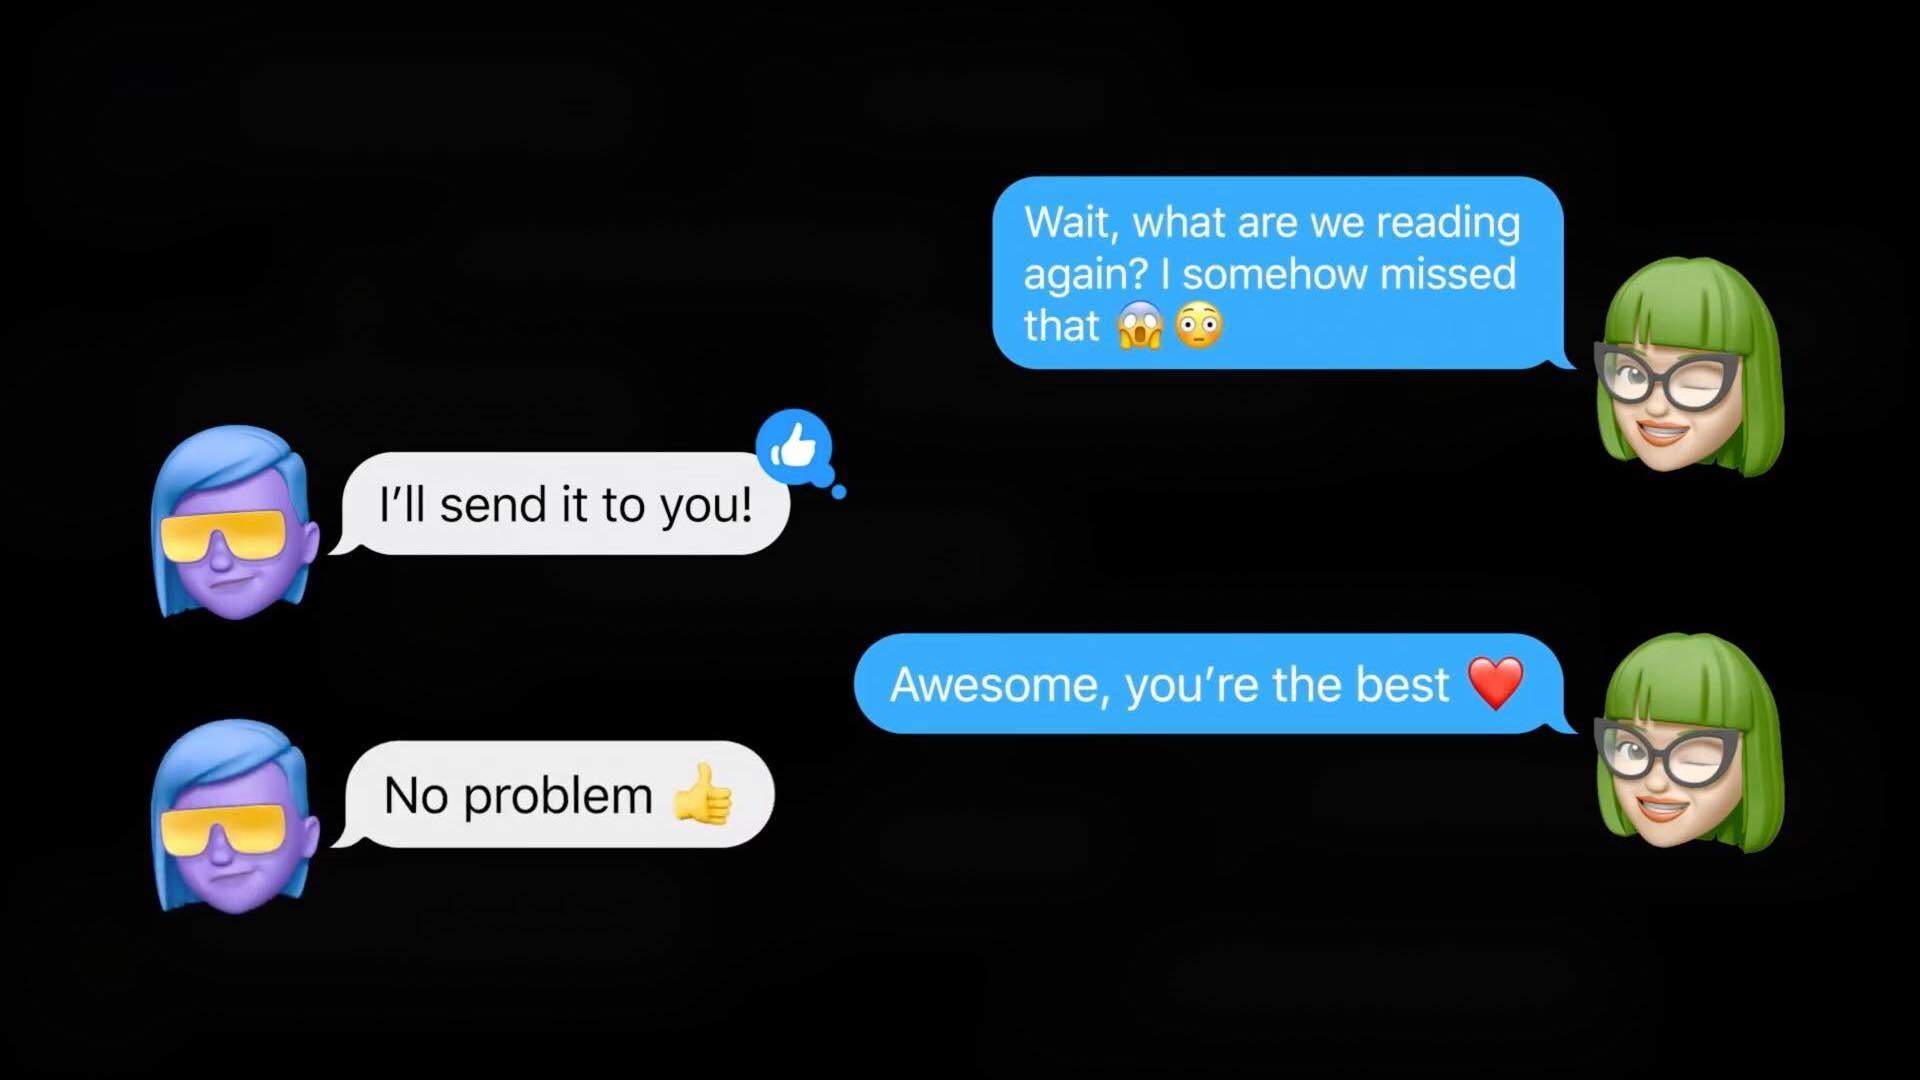 Apple スマホなど向け次期プラットフォーム Ios 14 を発表 Iphone 6s以降とipod Touch 第7世代 で無料更新でき 正式版は今秋に S Max